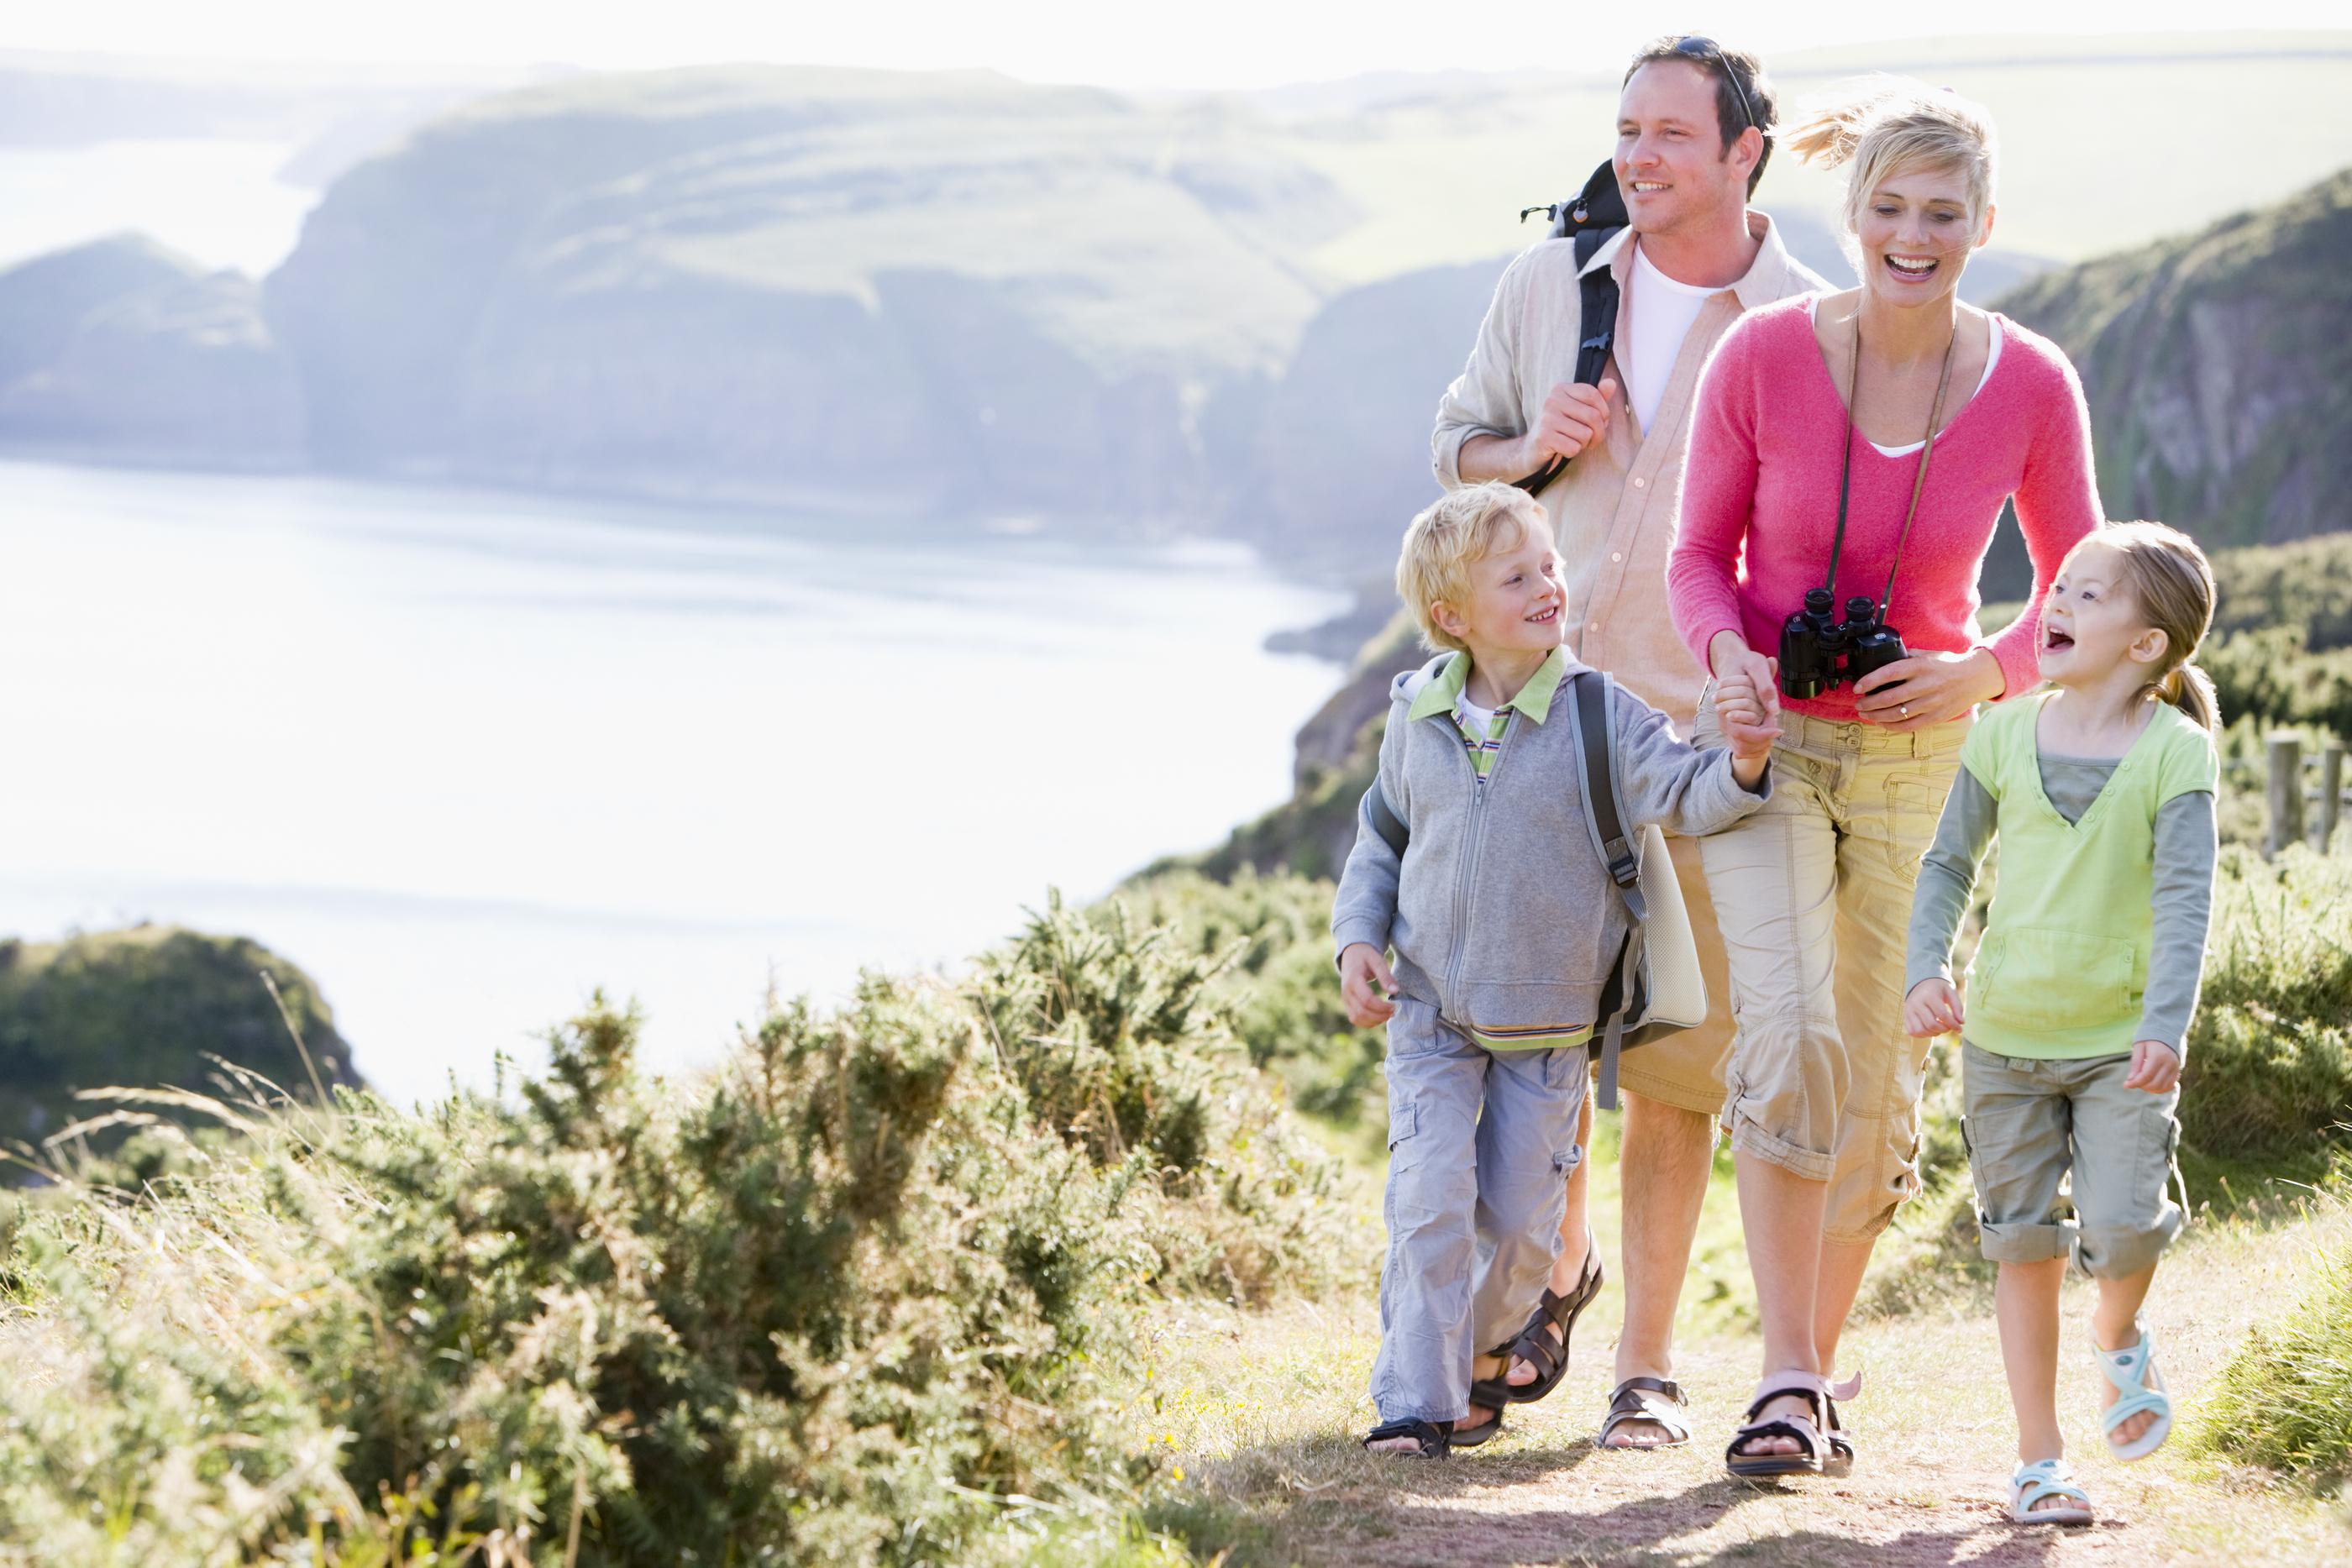 bigstock-Families-Walking-On-Cliffside-4136385